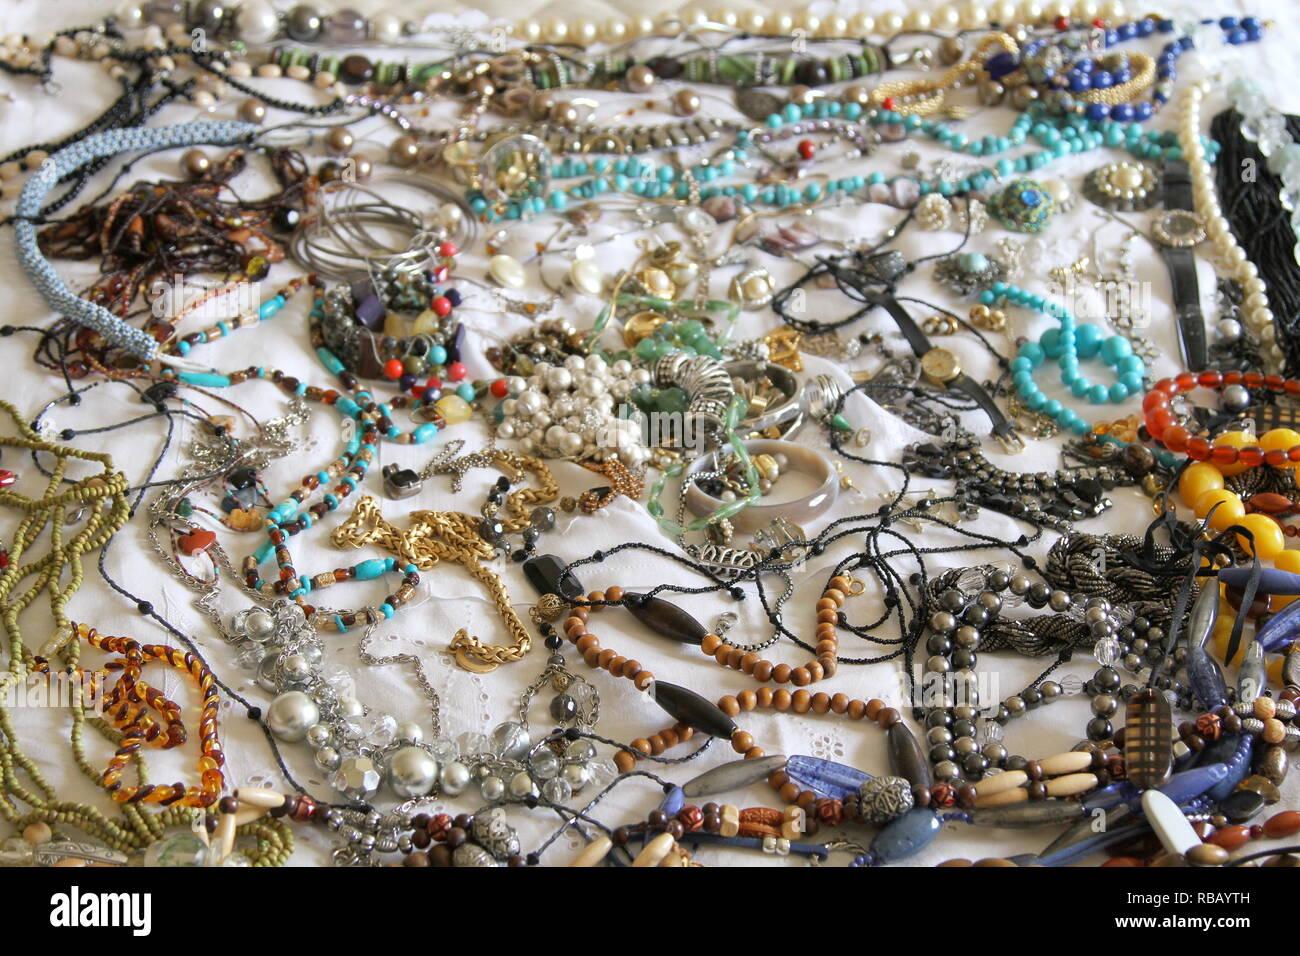 Joyería. Una colección de joyas, sentado sobre una cama con una sábana blanca. Joyas. Los objetos de valor. La propiedad personal. Valor sentimental. Las piedras. Las perlas. Cordones. Collares. Pulseras. Un reloj de muñeca. Multicolor. Surtido. Foto de stock